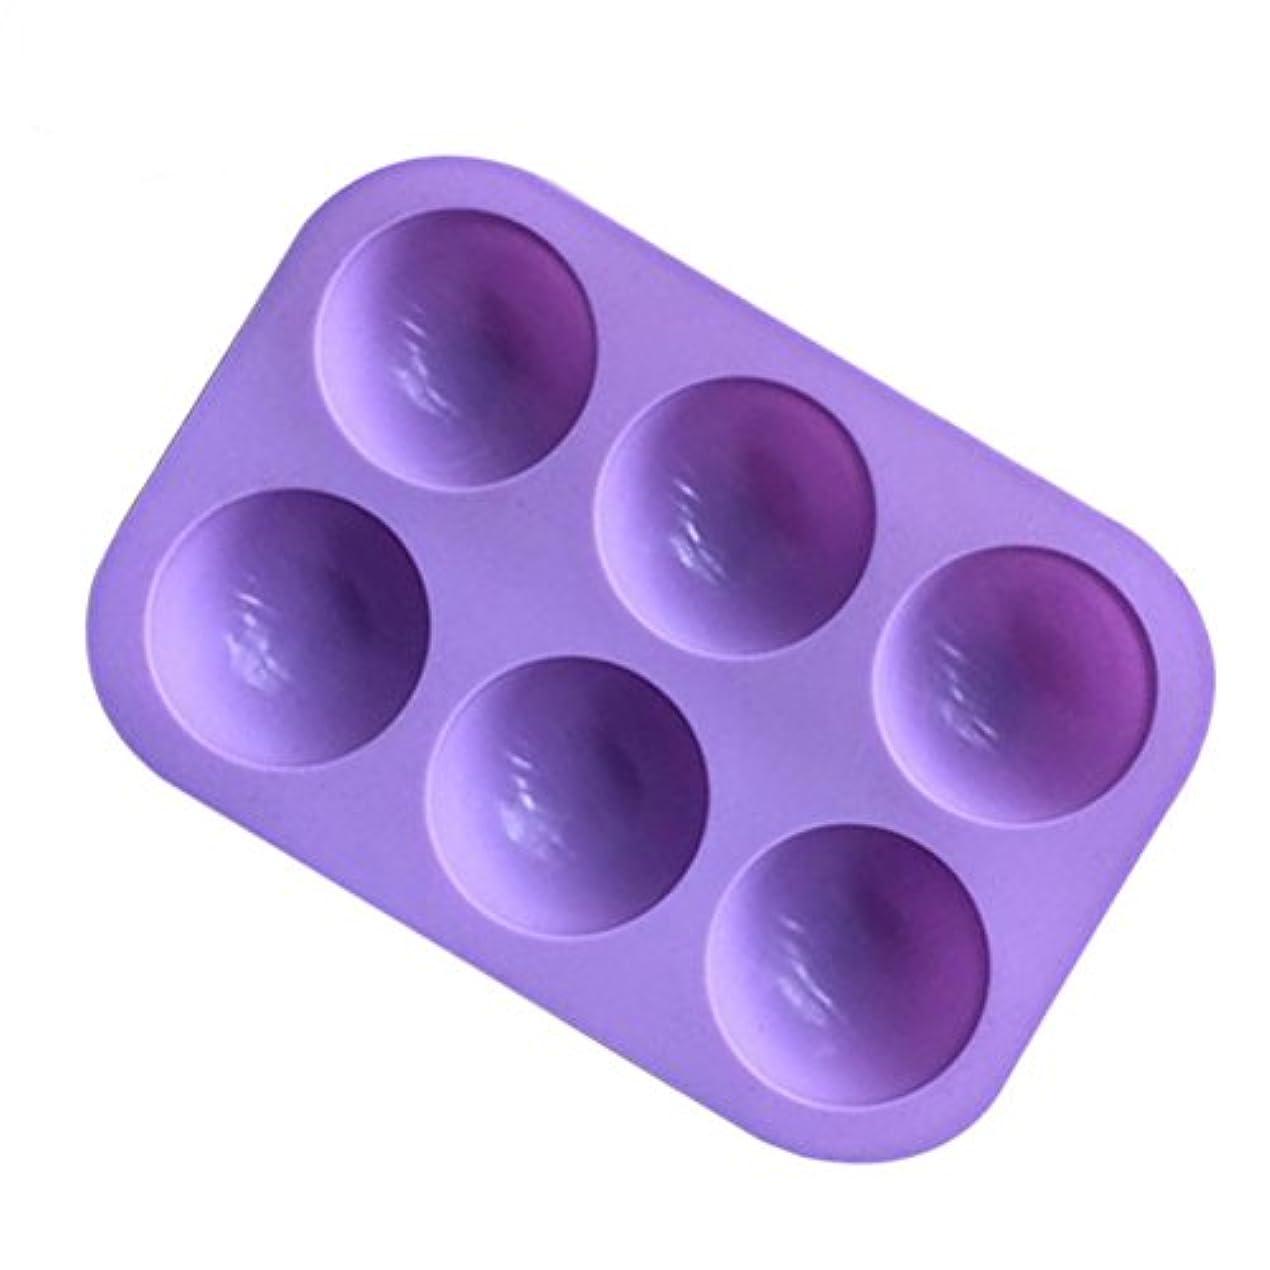 パーフェルビッド減衰洗練BESTONZON シリコンソープモールド半円マフィンパンカップケーキキャンディモールドケーキチョコレートモールドベーキングモールド6個のキャビティ(紫色)